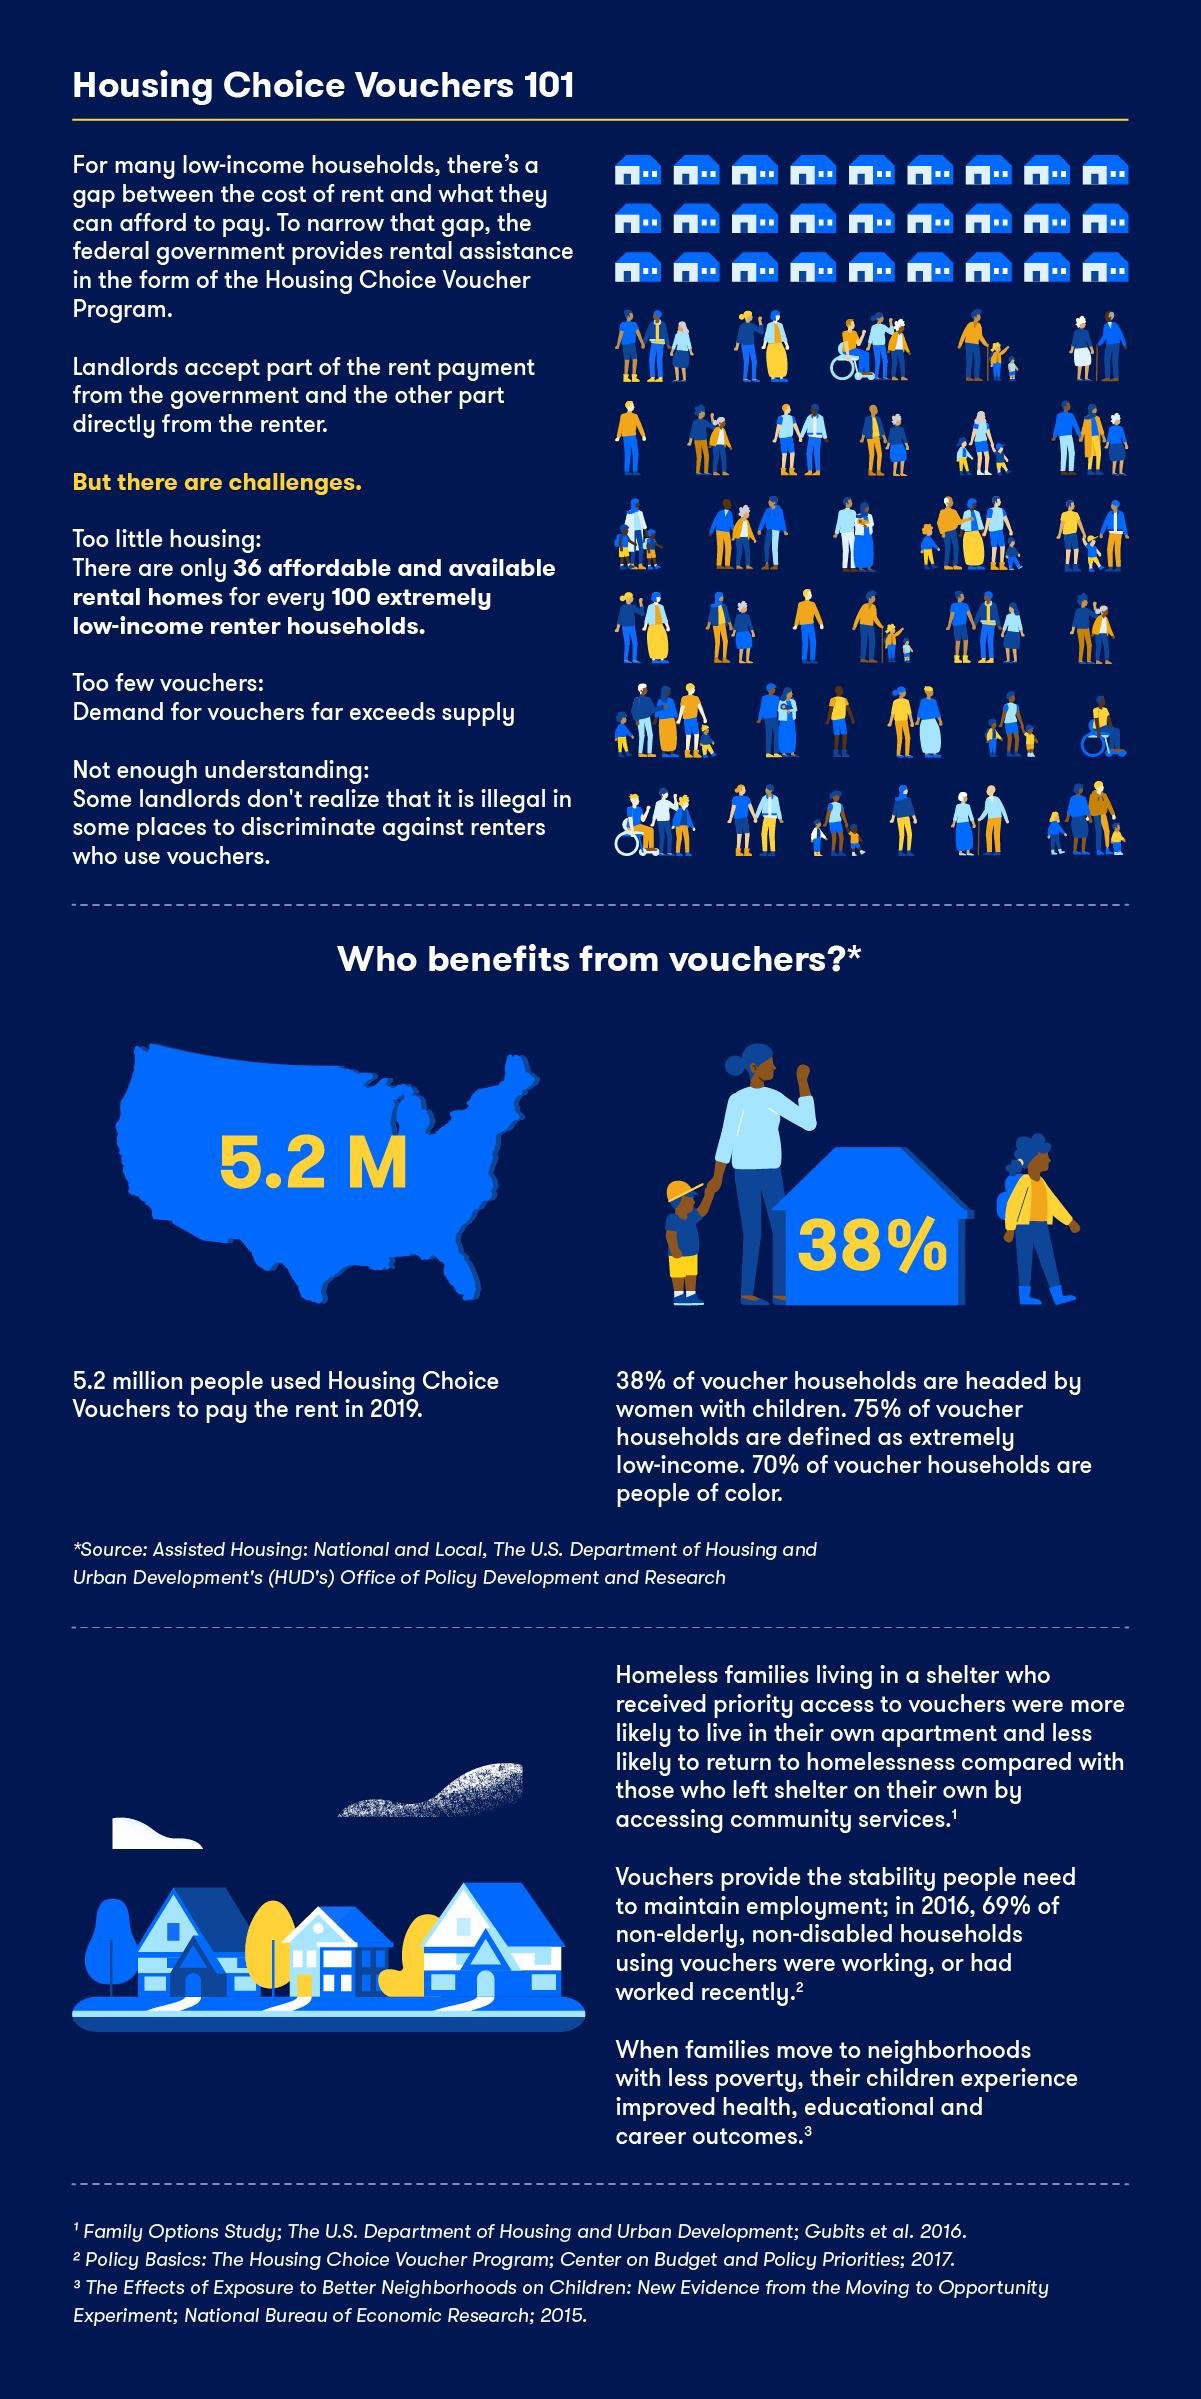 infographic that explains Housing Choice Vouchers Program